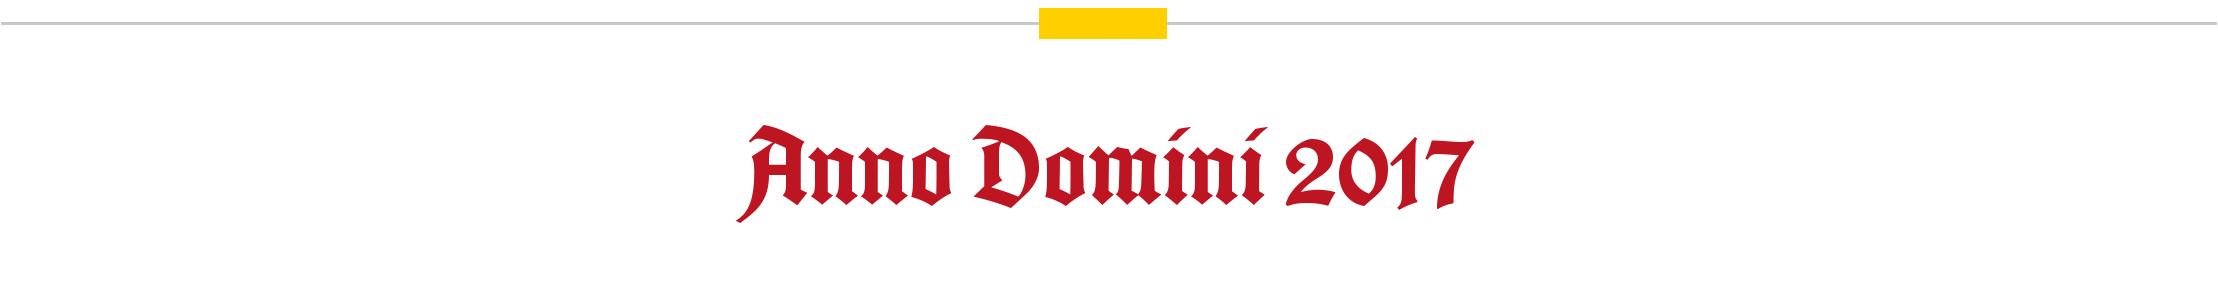 Anno Domini 2017